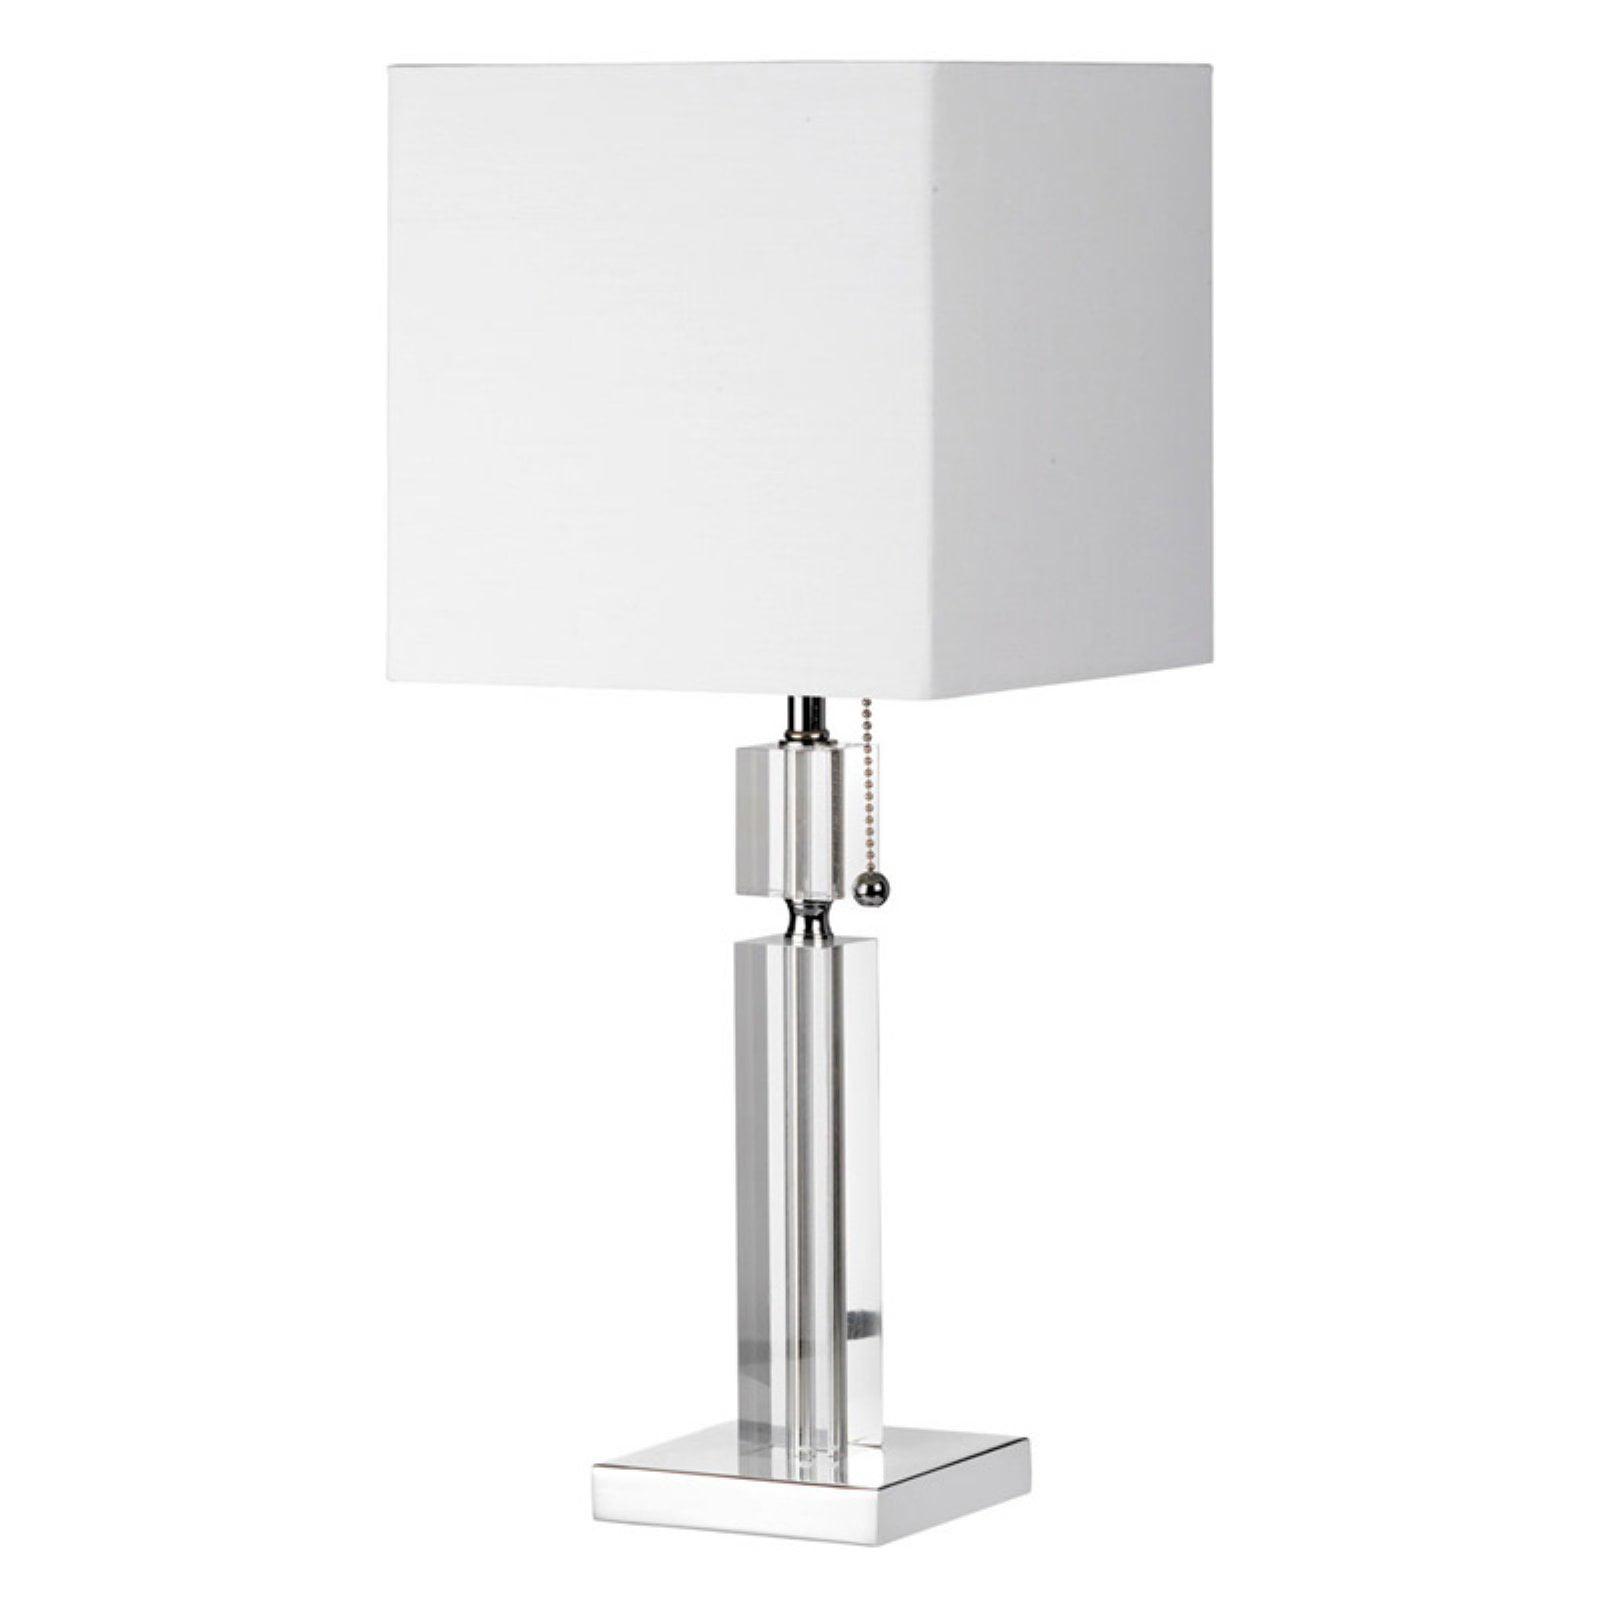 Dainolite DM231-PC Table Lamp